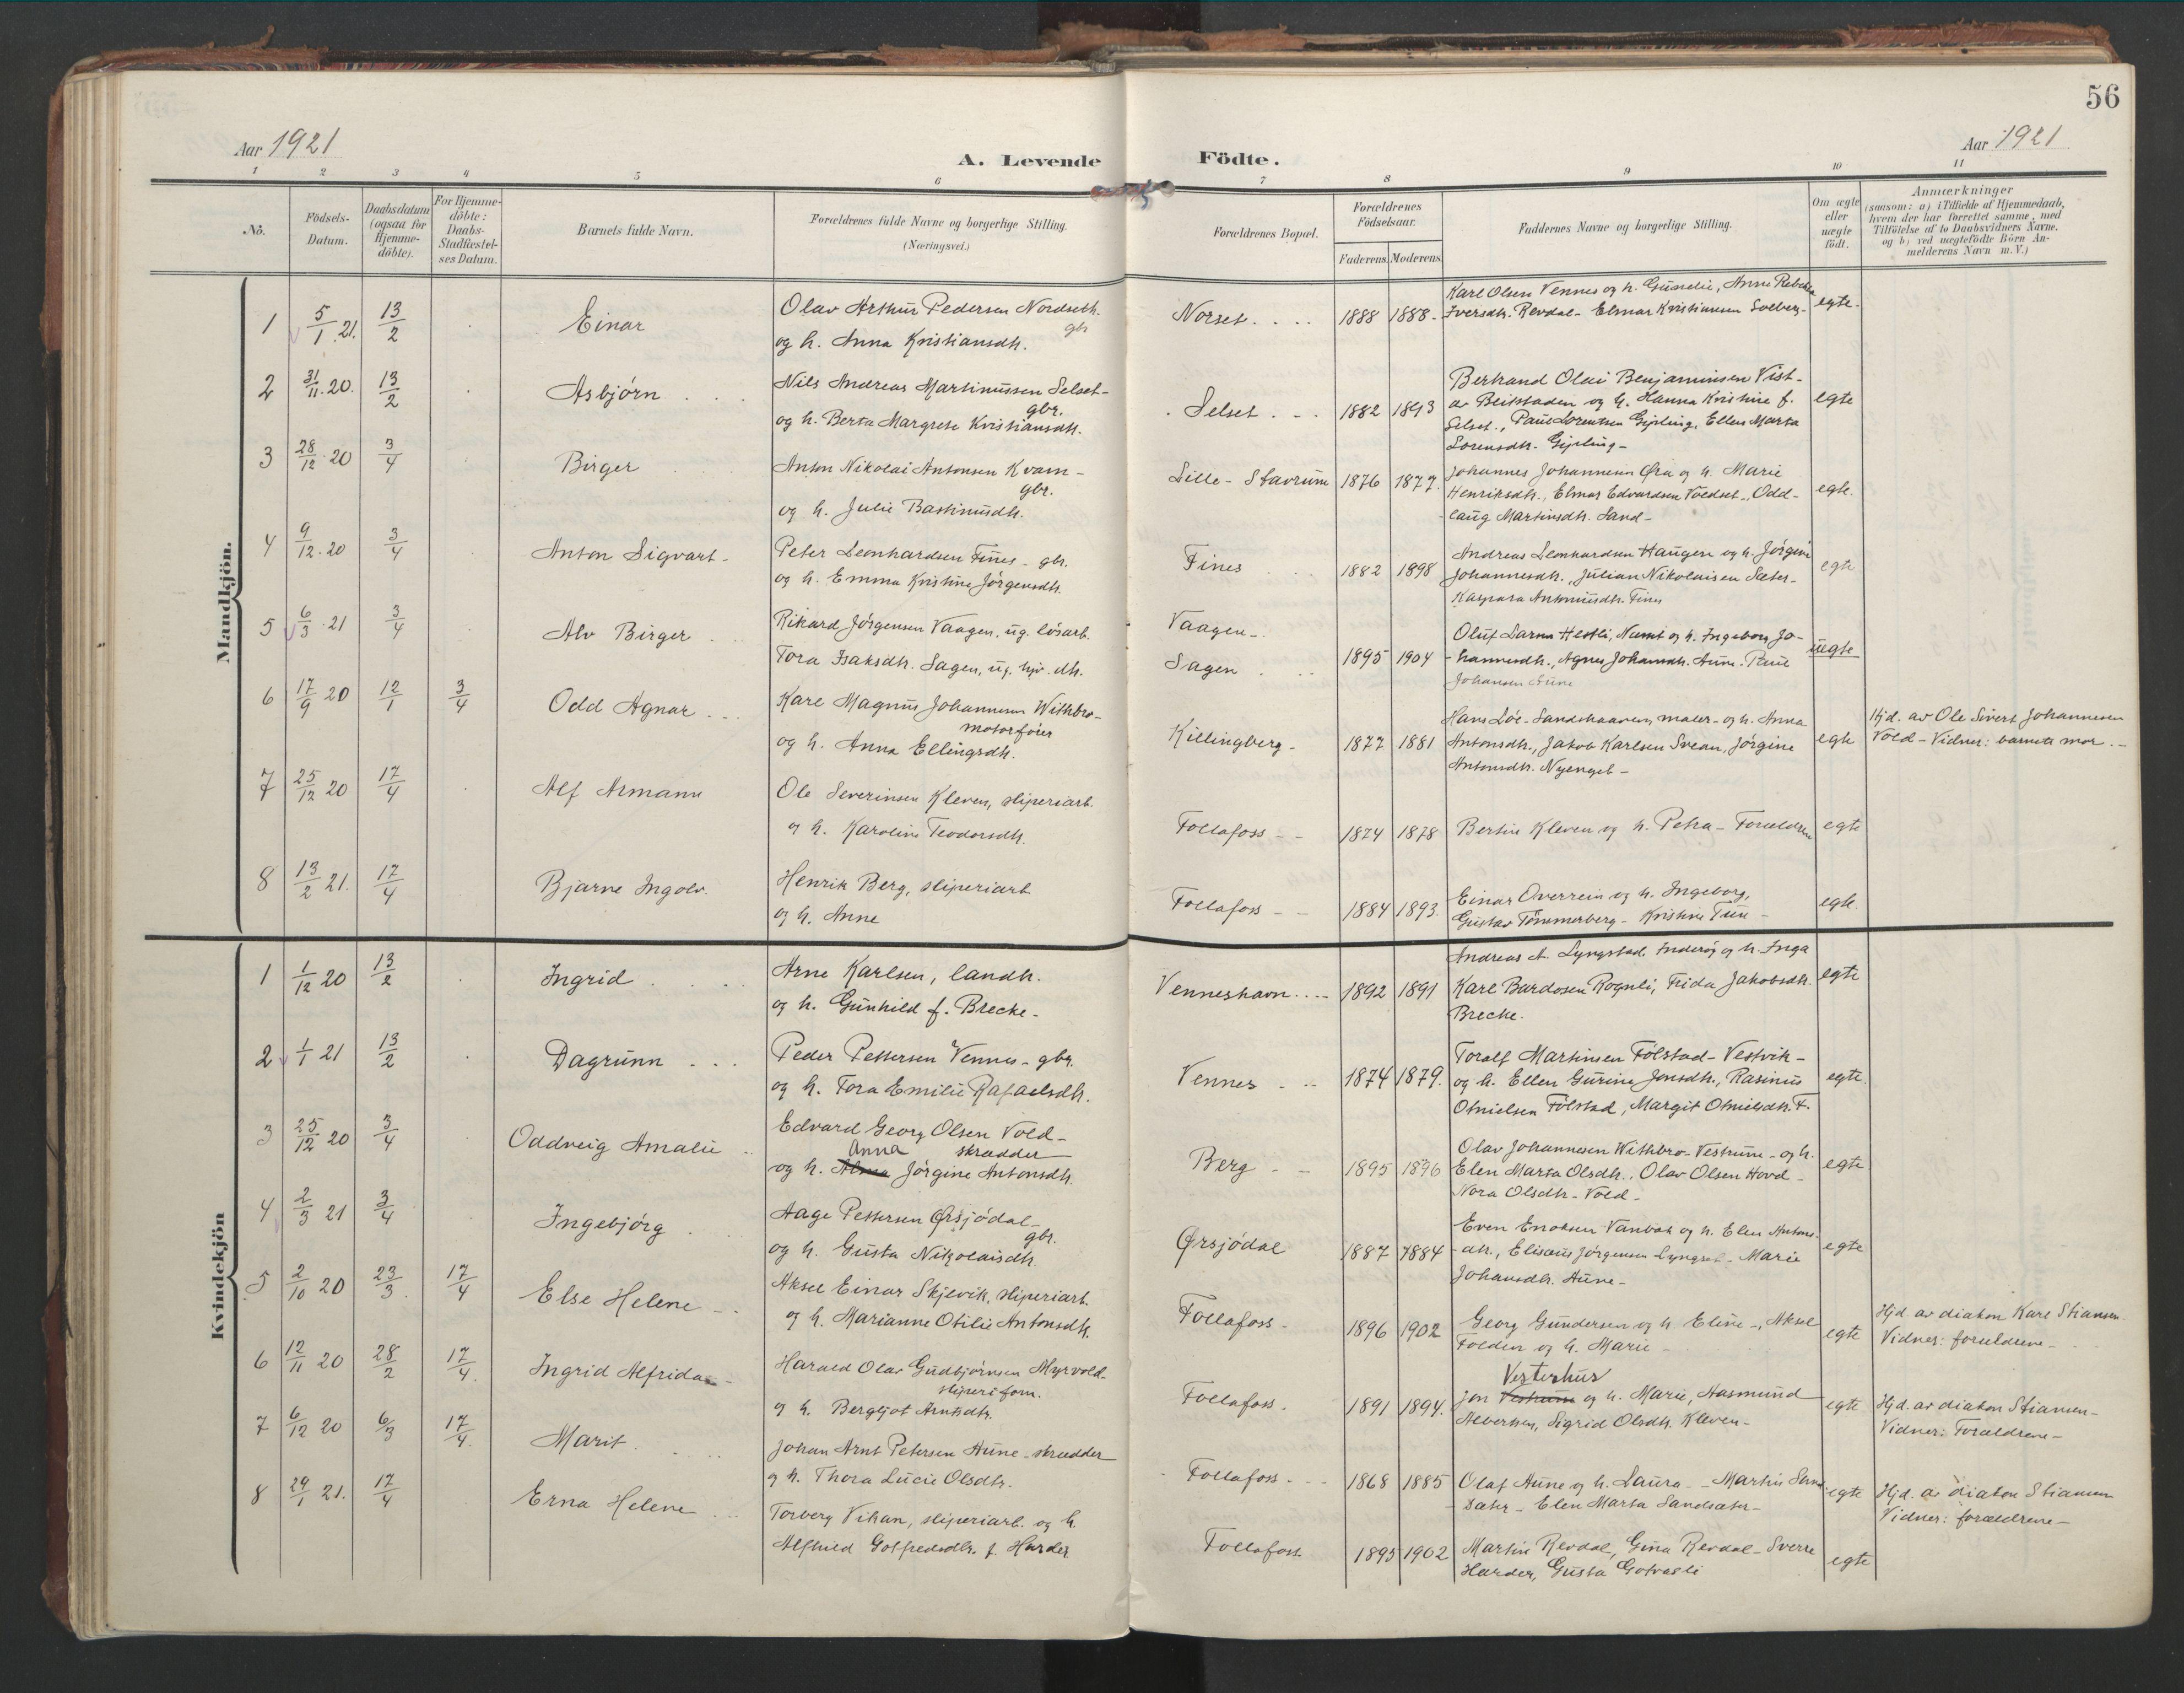 SAT, Ministerialprotokoller, klokkerbøker og fødselsregistre - Nord-Trøndelag, 744/L0421: Ministerialbok nr. 744A05, 1905-1930, s. 56